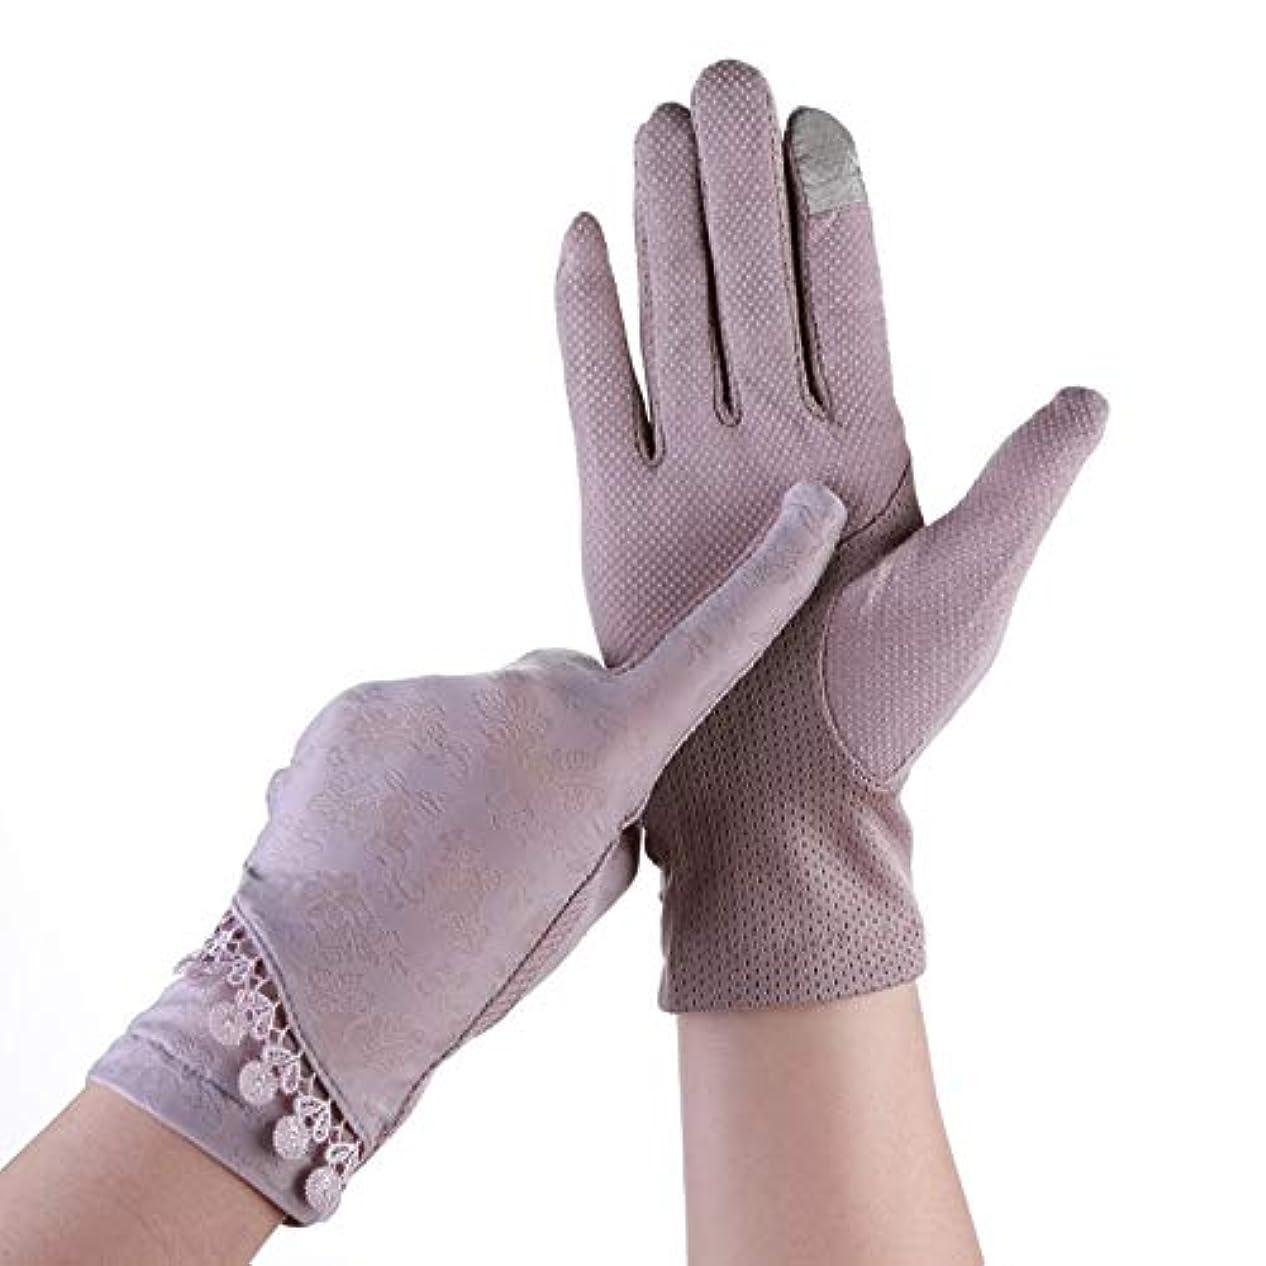 バージンフィッティング貼り直す女性用日焼け止め手袋レーススリップサマーライディングUV日焼け止め手袋 UVカット手袋 グローブ 日焼け防止 (Color : Purple, Size : L-Ten pairs)